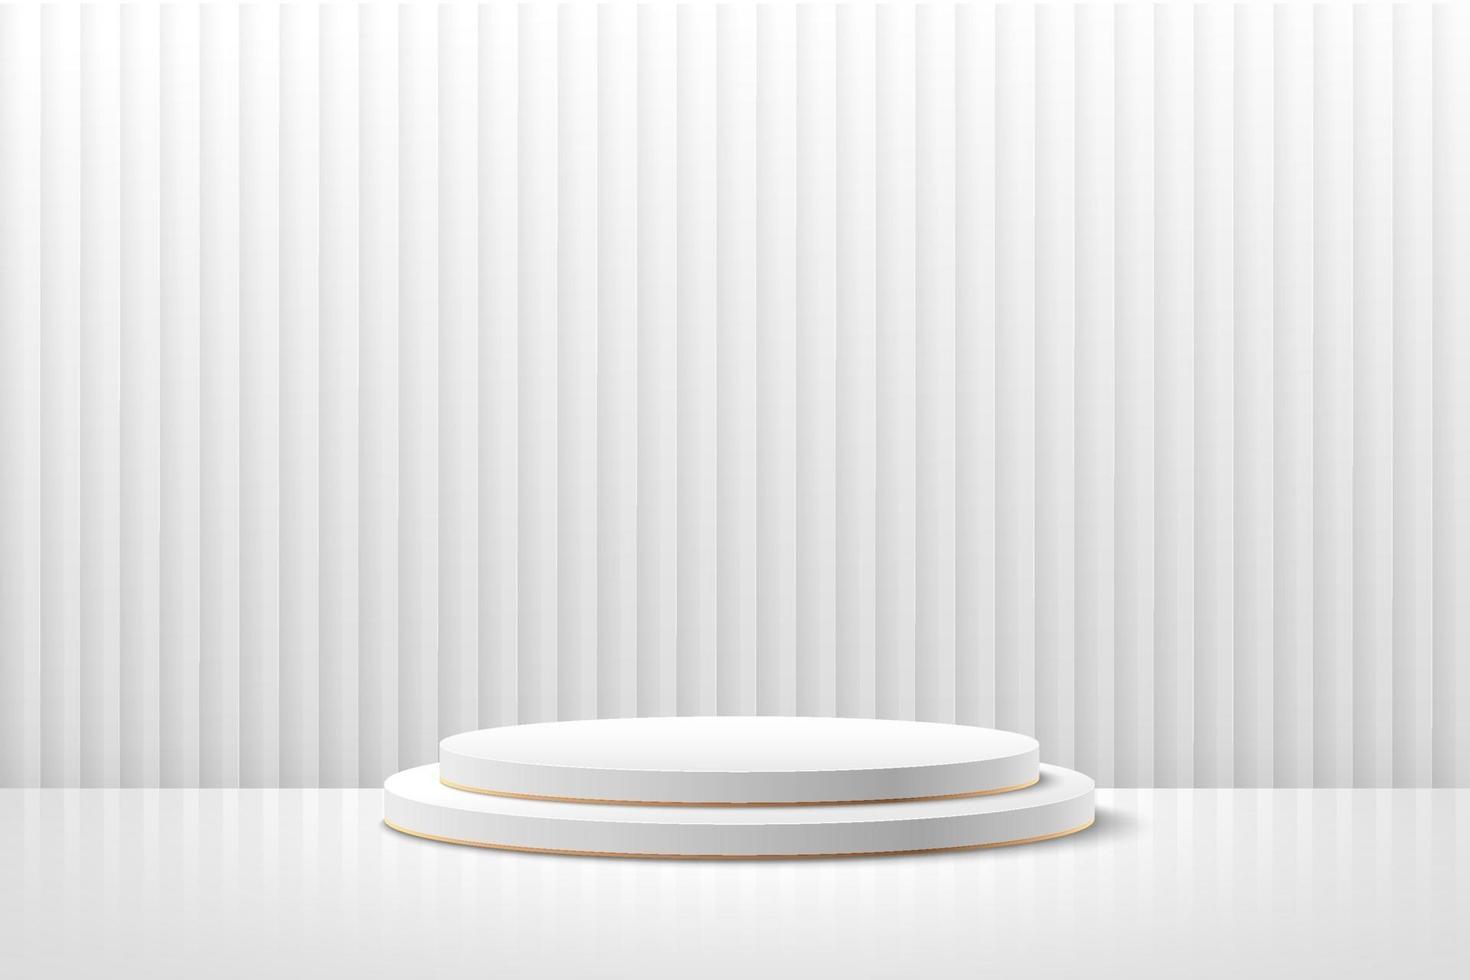 display rotondo astratto per prodotto sul sito Web dal design moderno. rendering di sfondo con podio e scena di muro con struttura a strato bianco minimo, rendering 3d forma geometrica colore bianco e grigio. vettore eps10